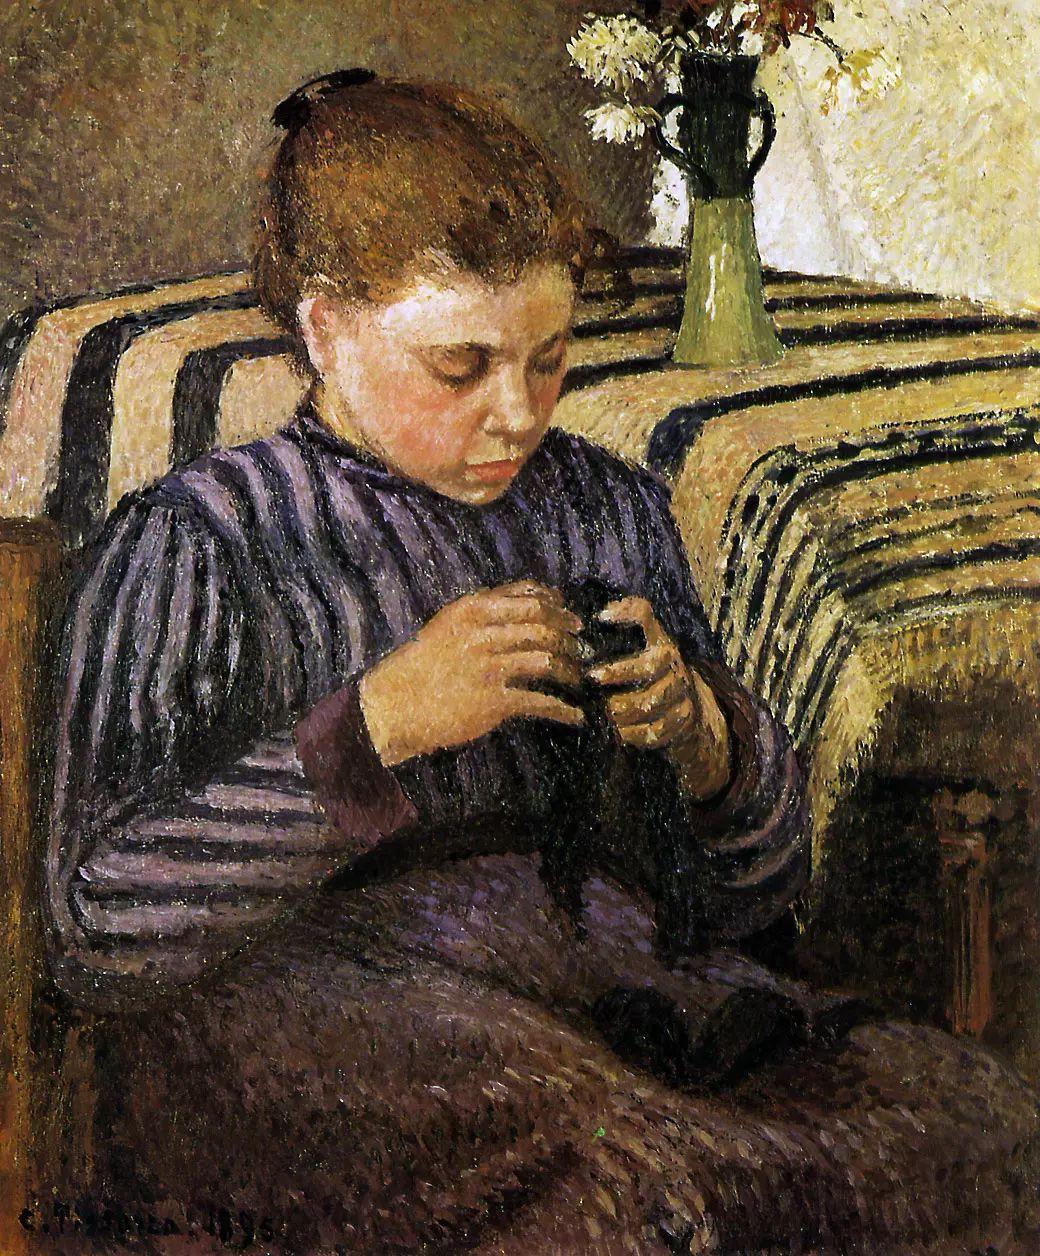 法国印象派画家卡米耶·毕沙罗油画作品插图21